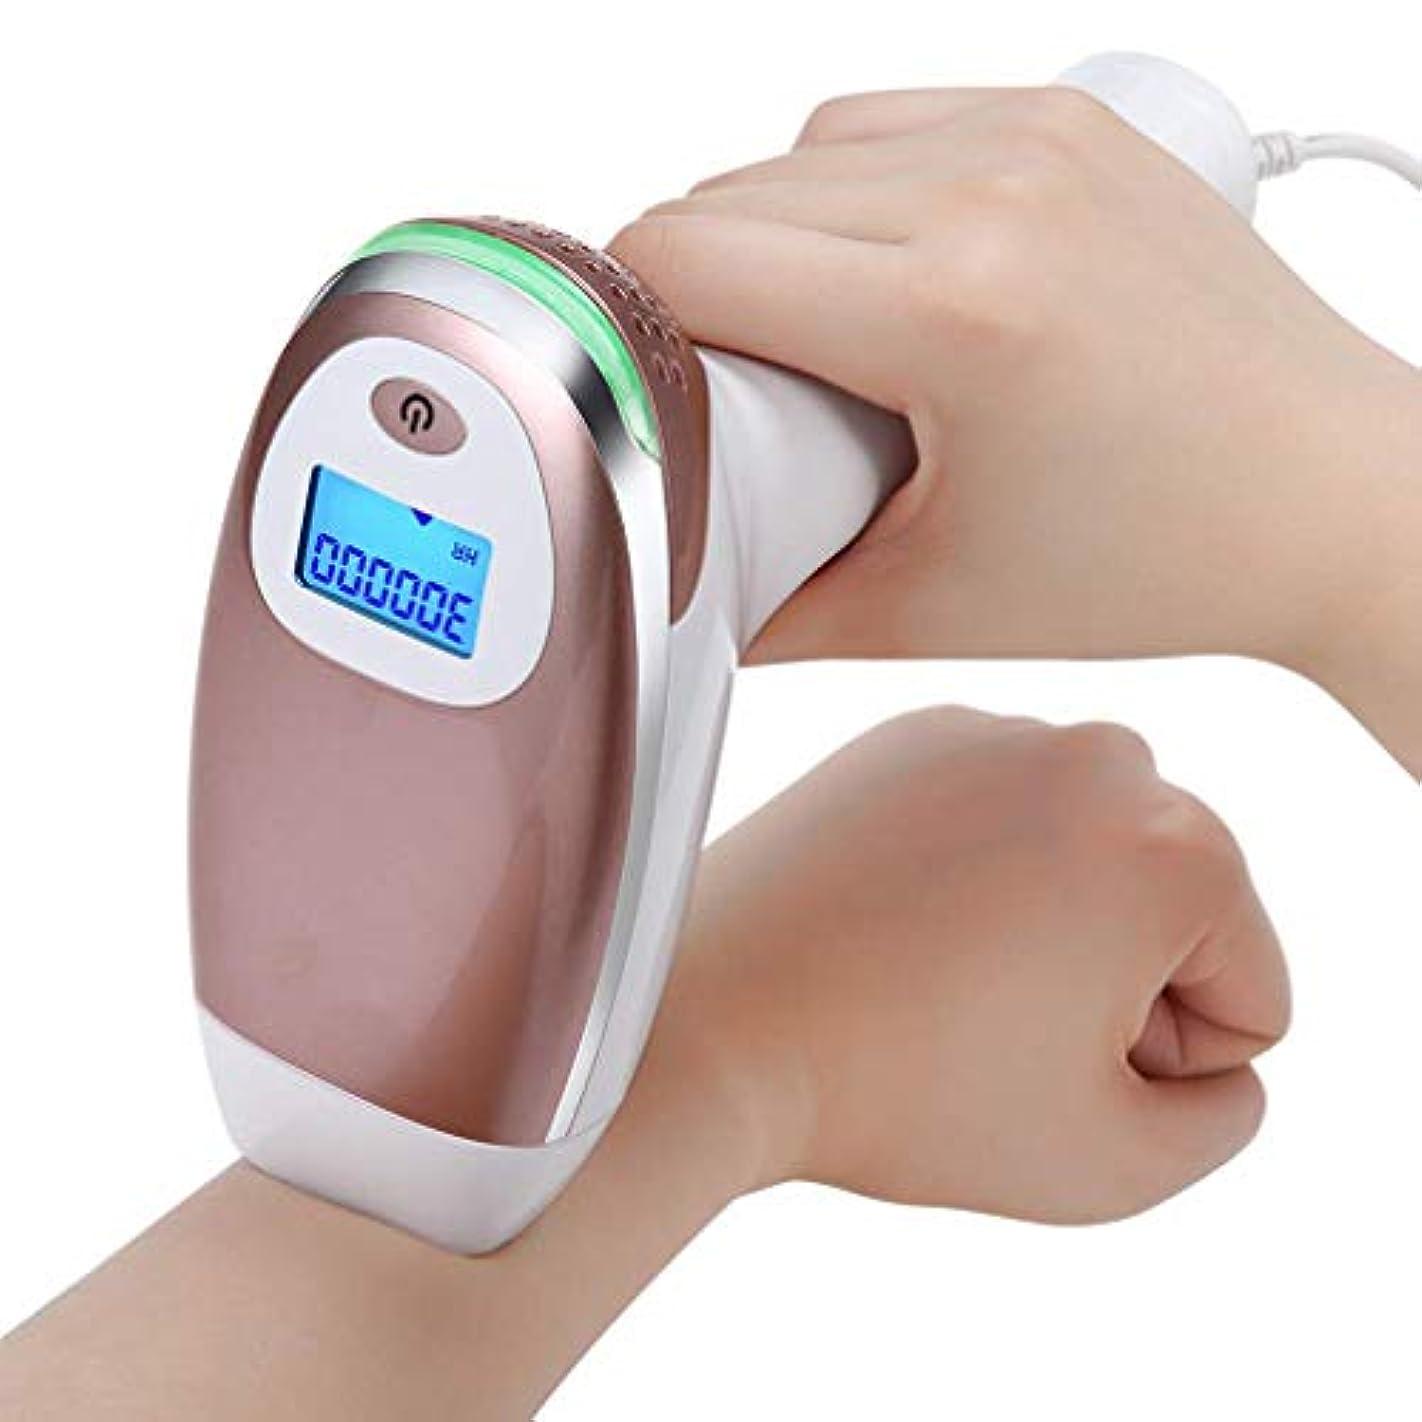 自体流出かんたん痛みのないレーザー脱毛装置 - 体、顔、脇の下、ビキニラインのためのLCDスクリーン付きIPL脱毛システム